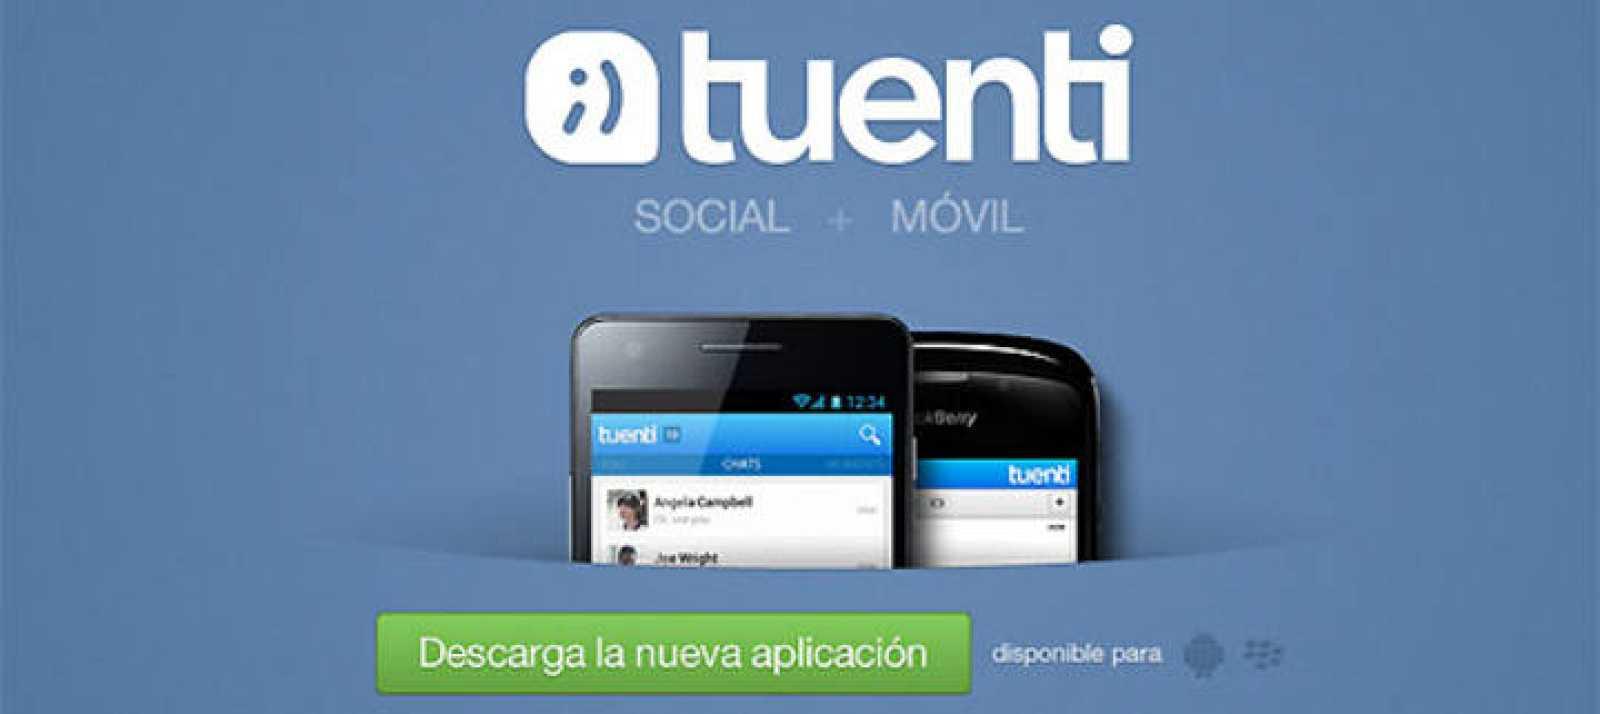 Tuenti apuesta por 'meterse' en los móviles y se internacionaliza